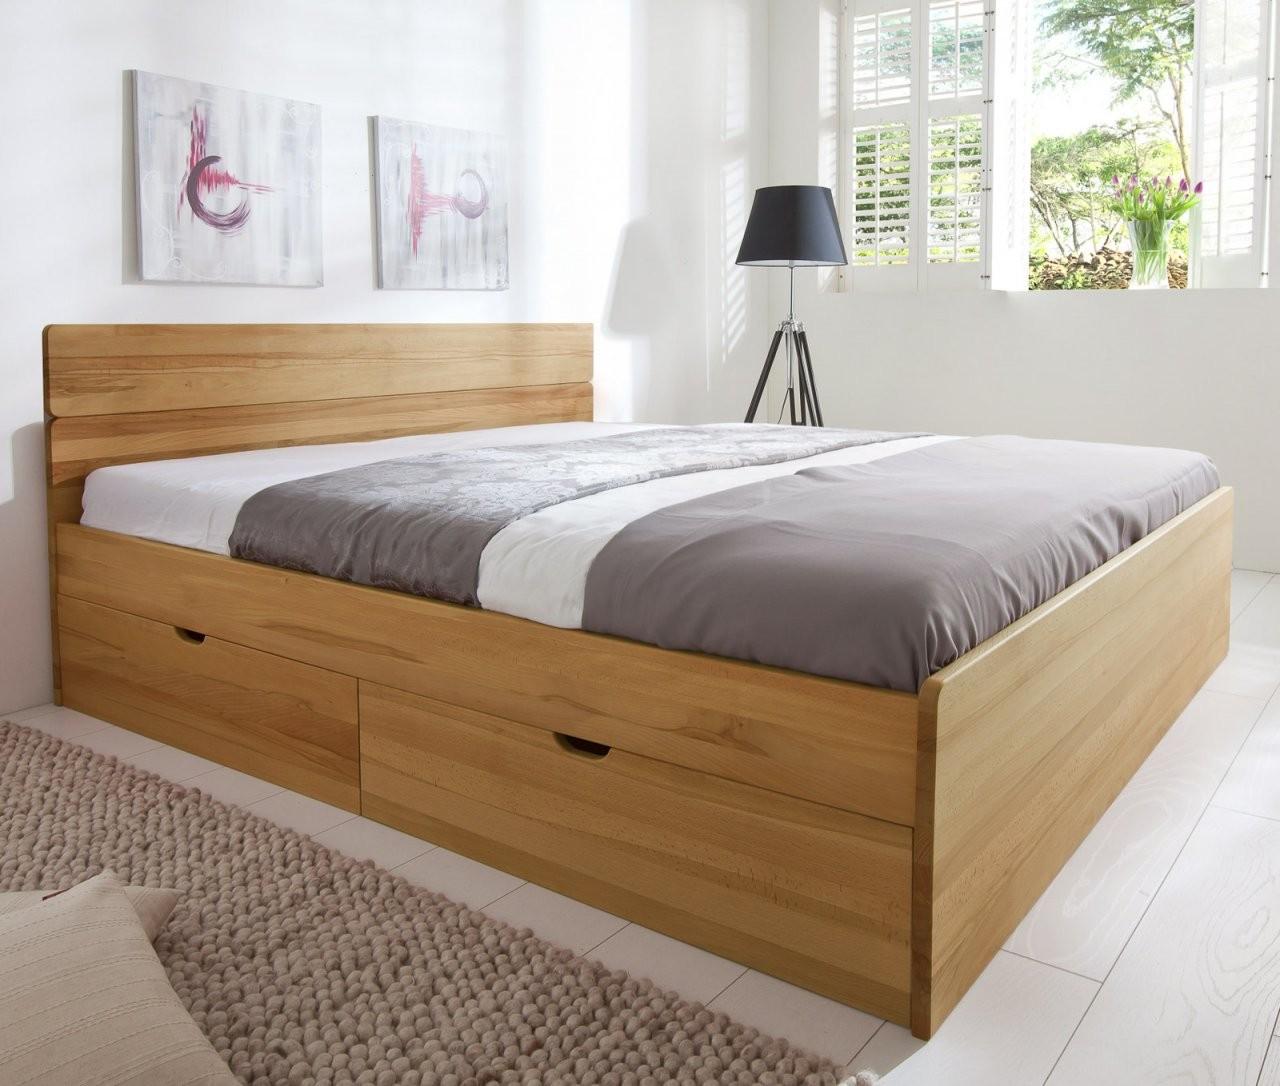 Betten Mit Stauraum  Stauraumbetten Günstig Kaufen  Betten von Stauraumbett 140X200 Selber Bauen Bild